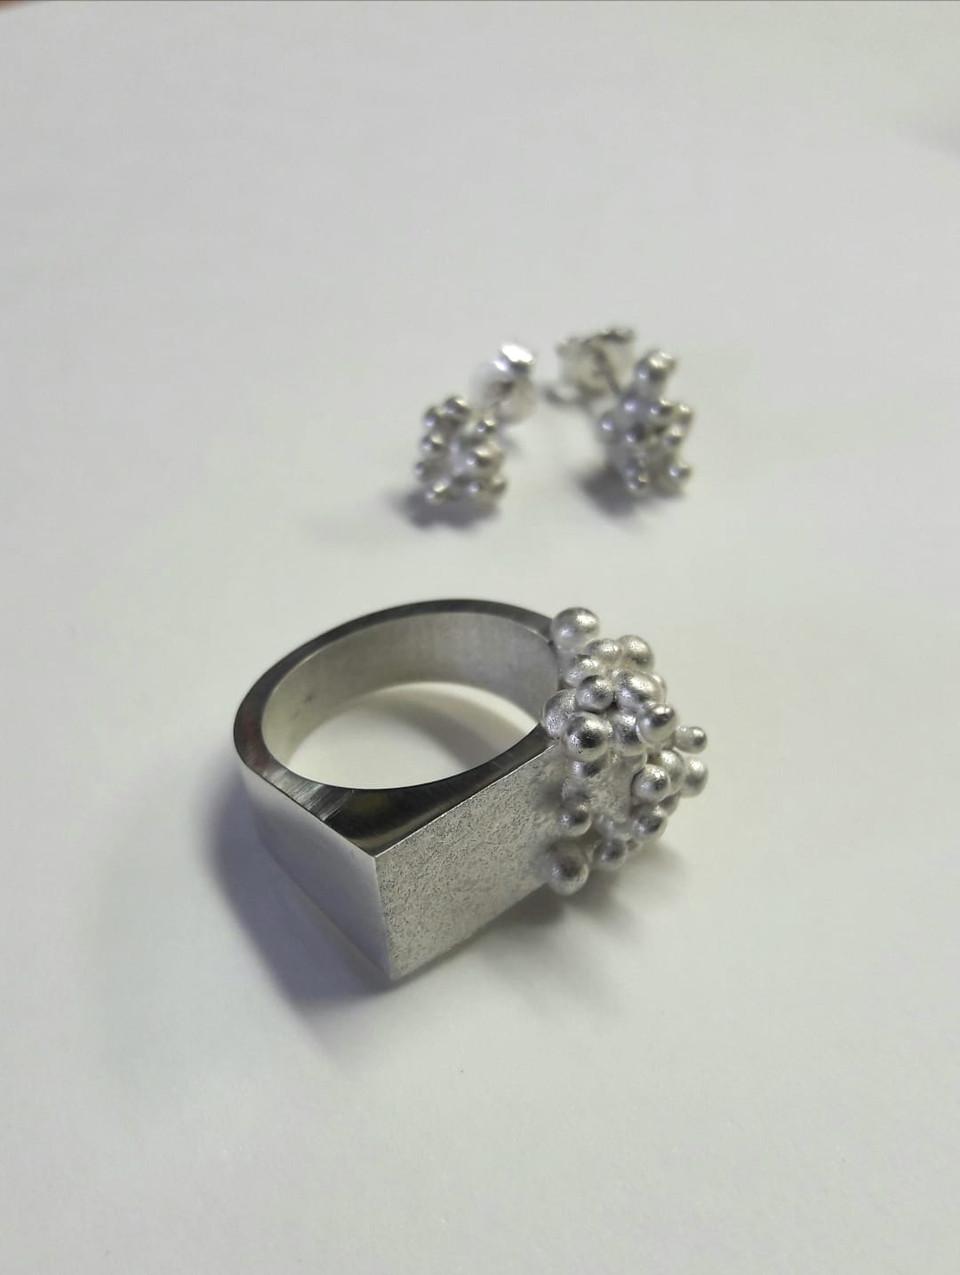 cours-creation-bijoux-bruxelles-003